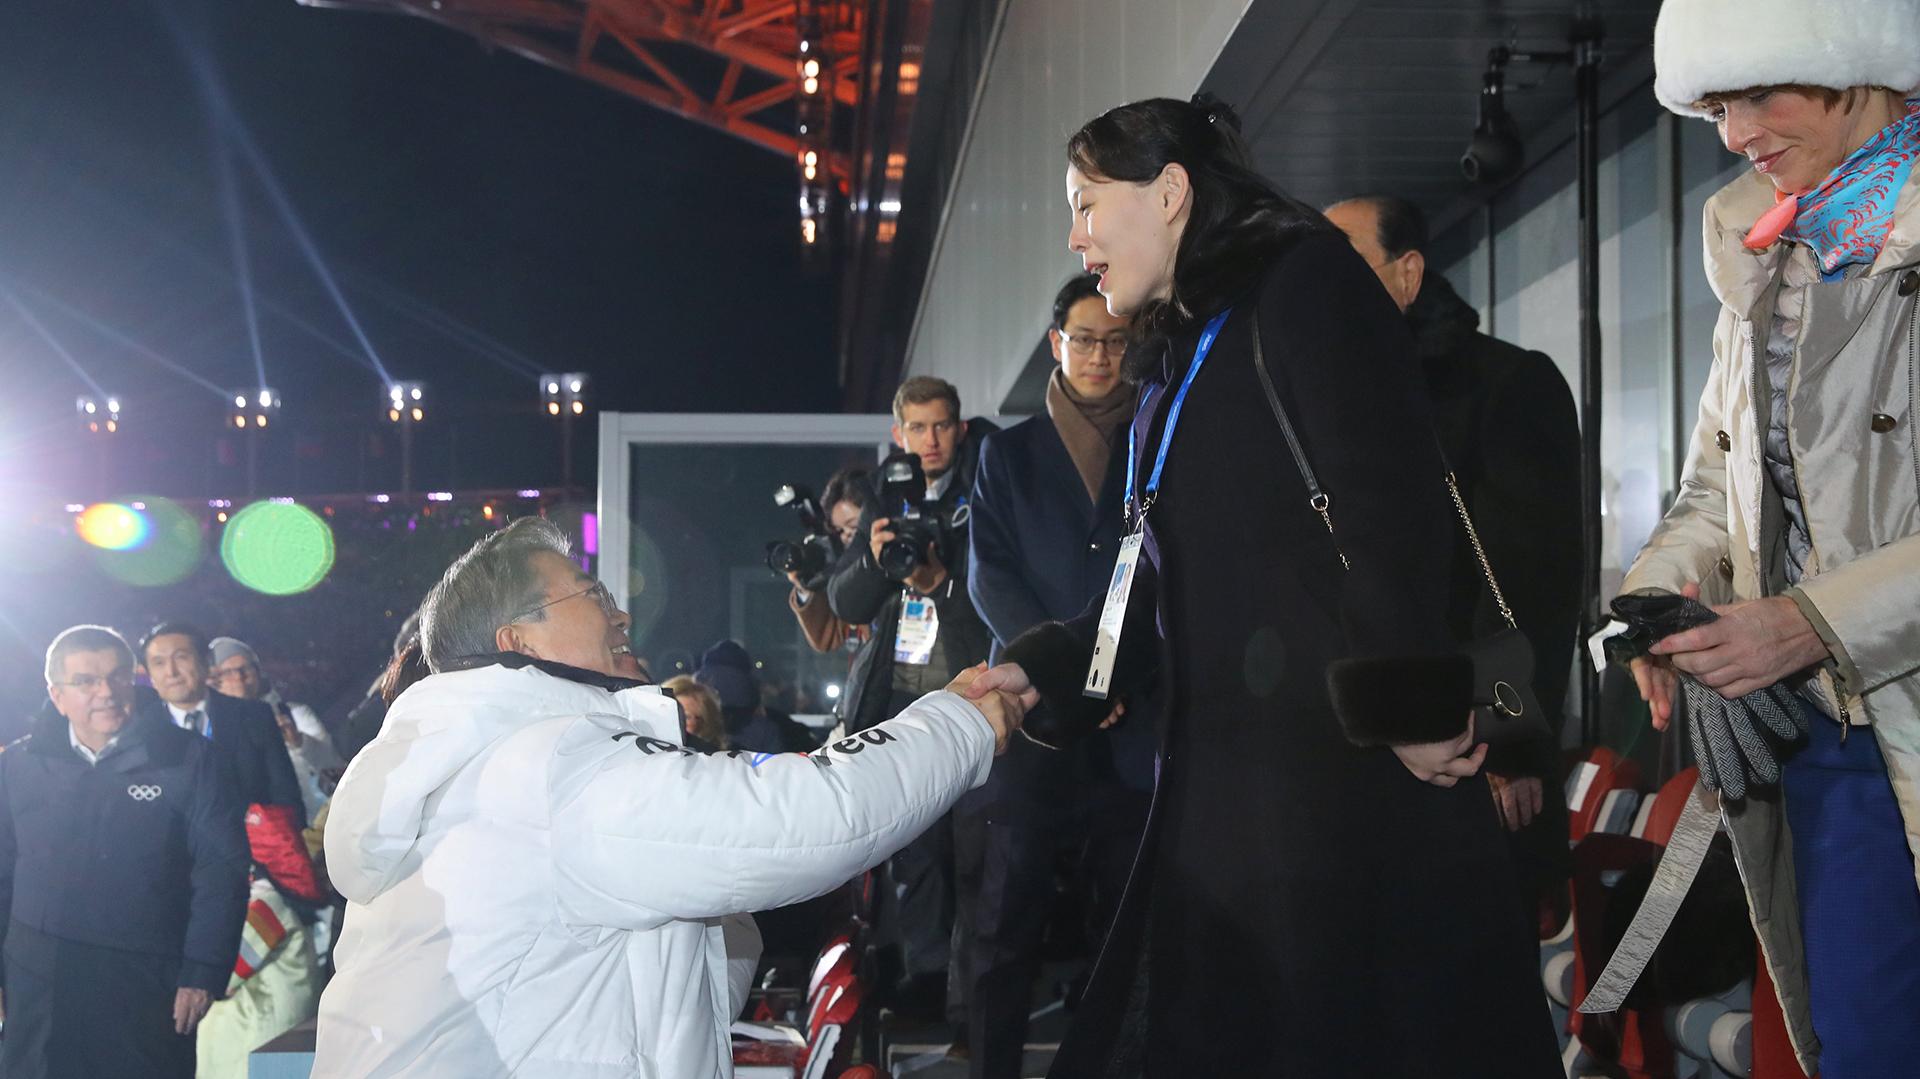 Momento histórico en el palco oficial del estadio en el que se celebró la ceremonia inaugural de los JJOO de Invierno: el presidente surcoreano Moon Jae-in saluda a Kim Yo-jong, hermana del dictador norcoreano Kim Jong-un